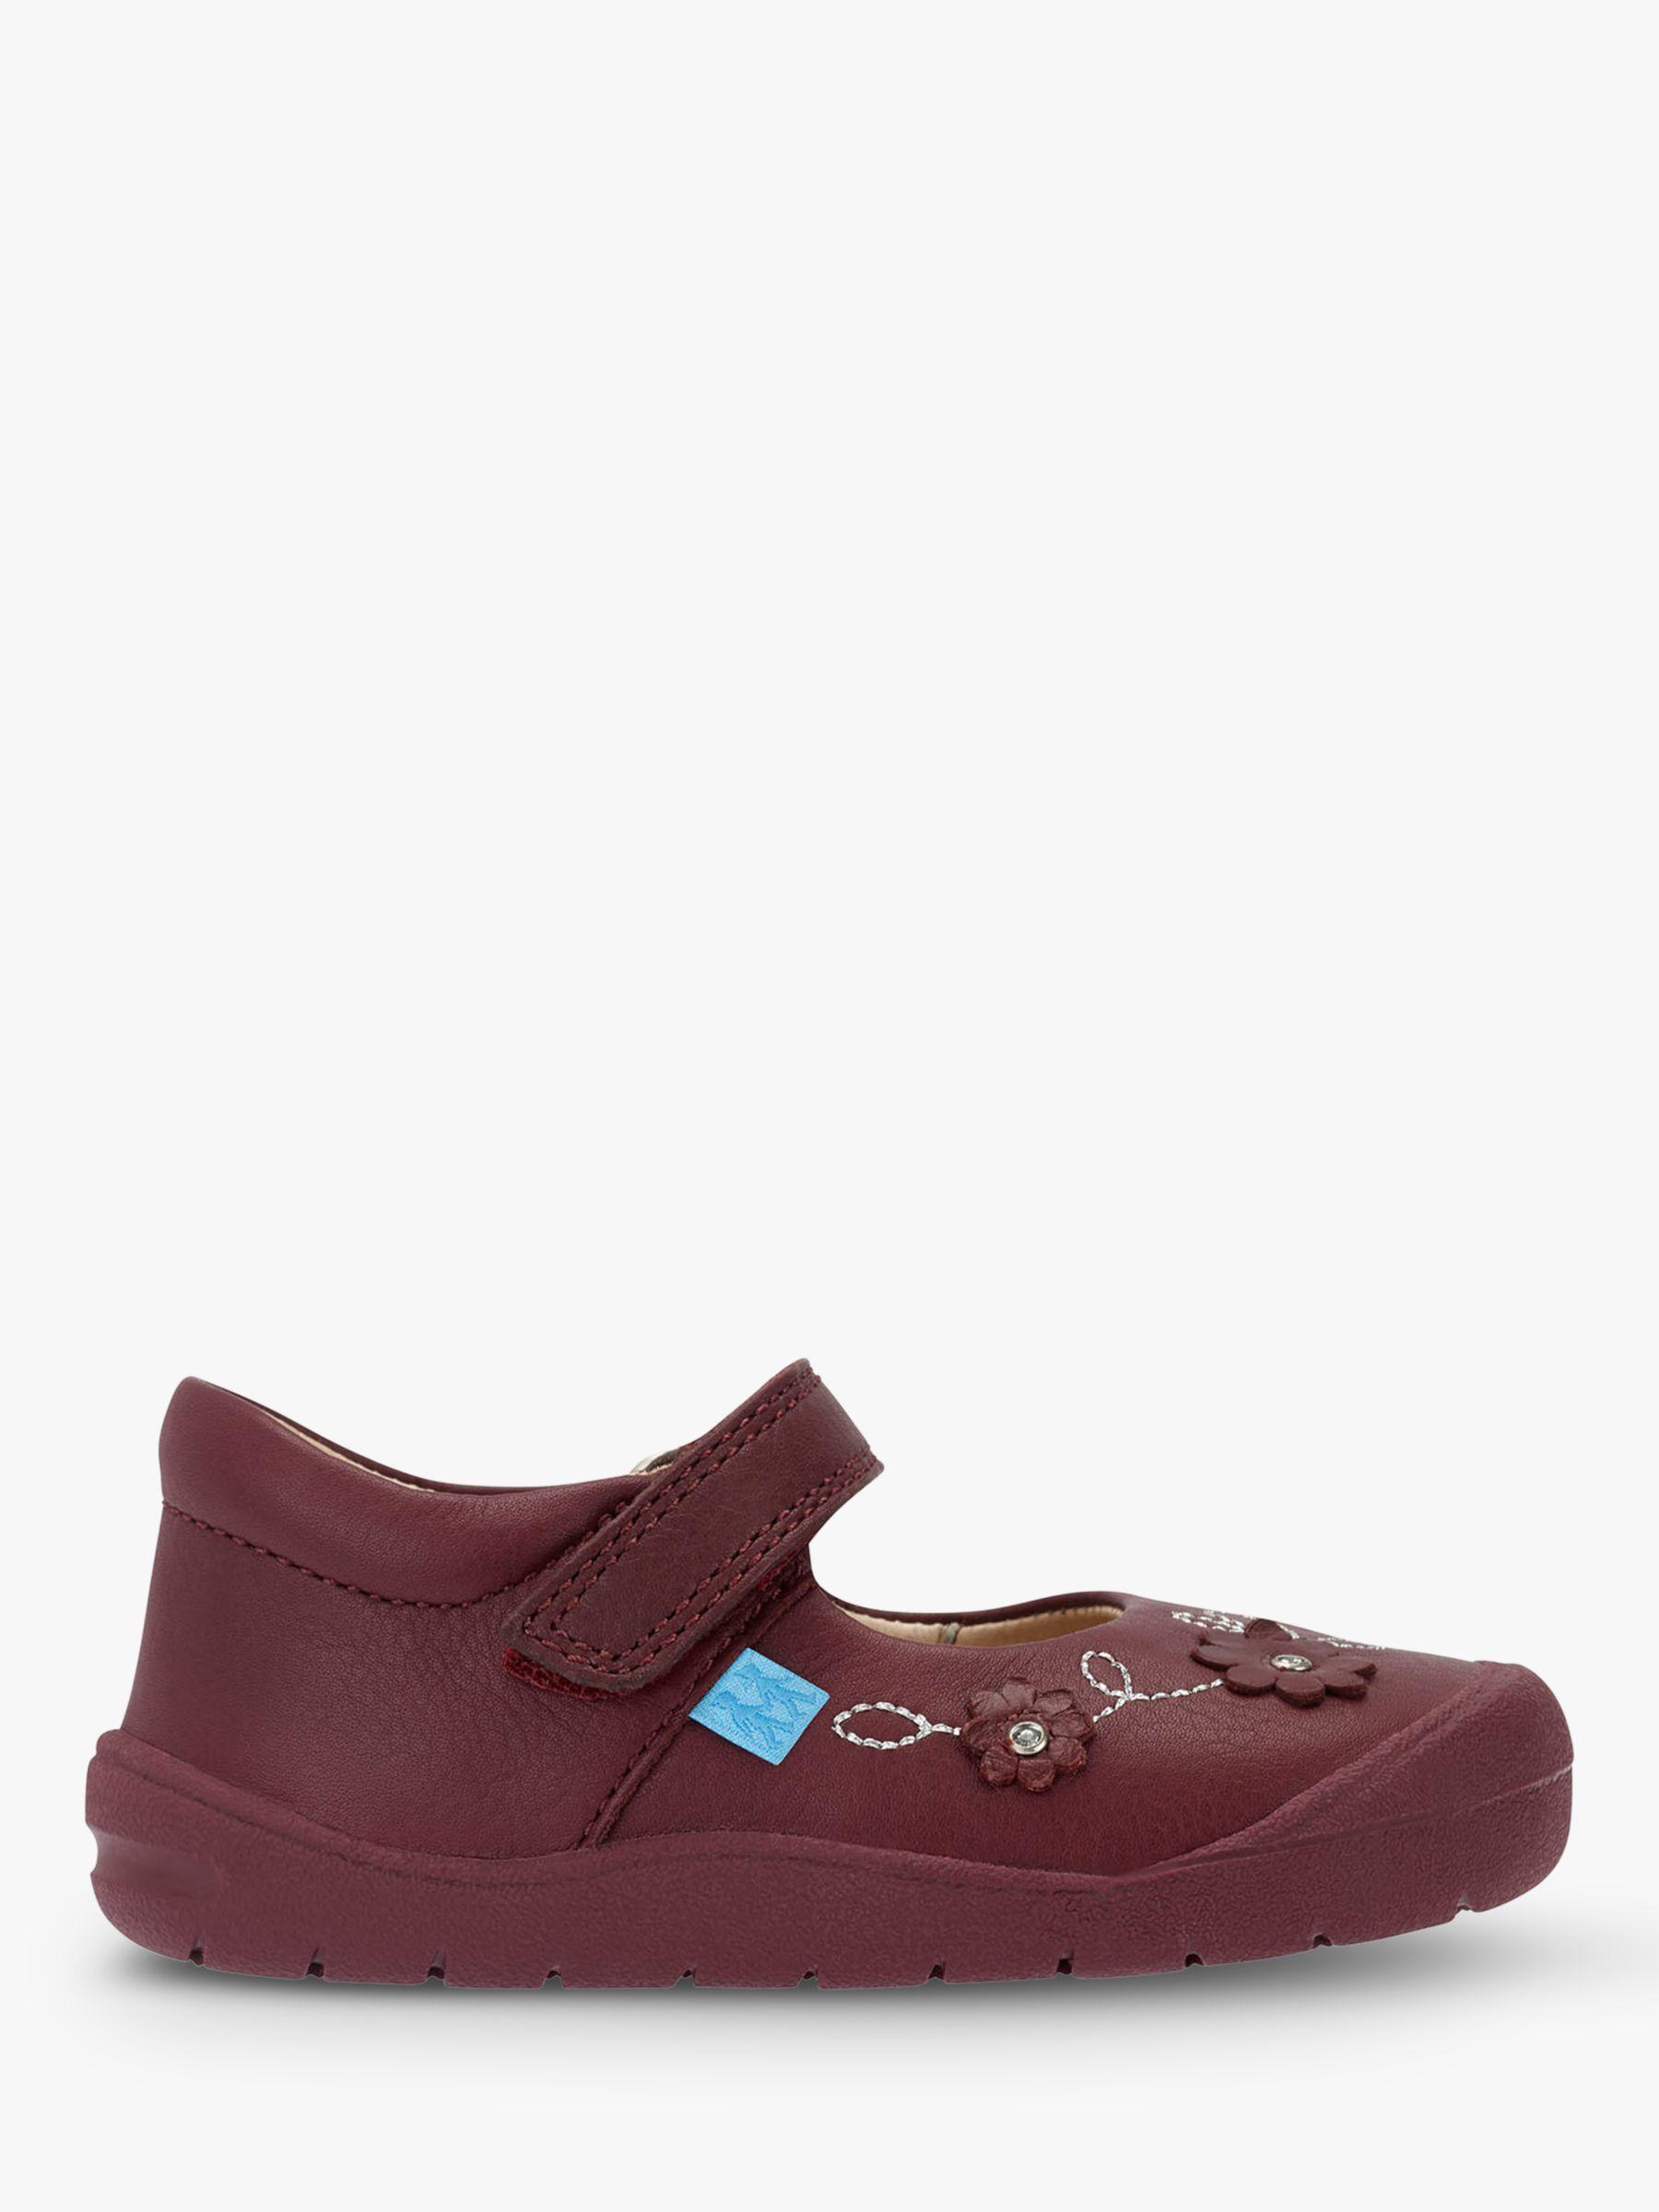 Start-Rite Start-rite Children's Flex Flower Riptape Shoes